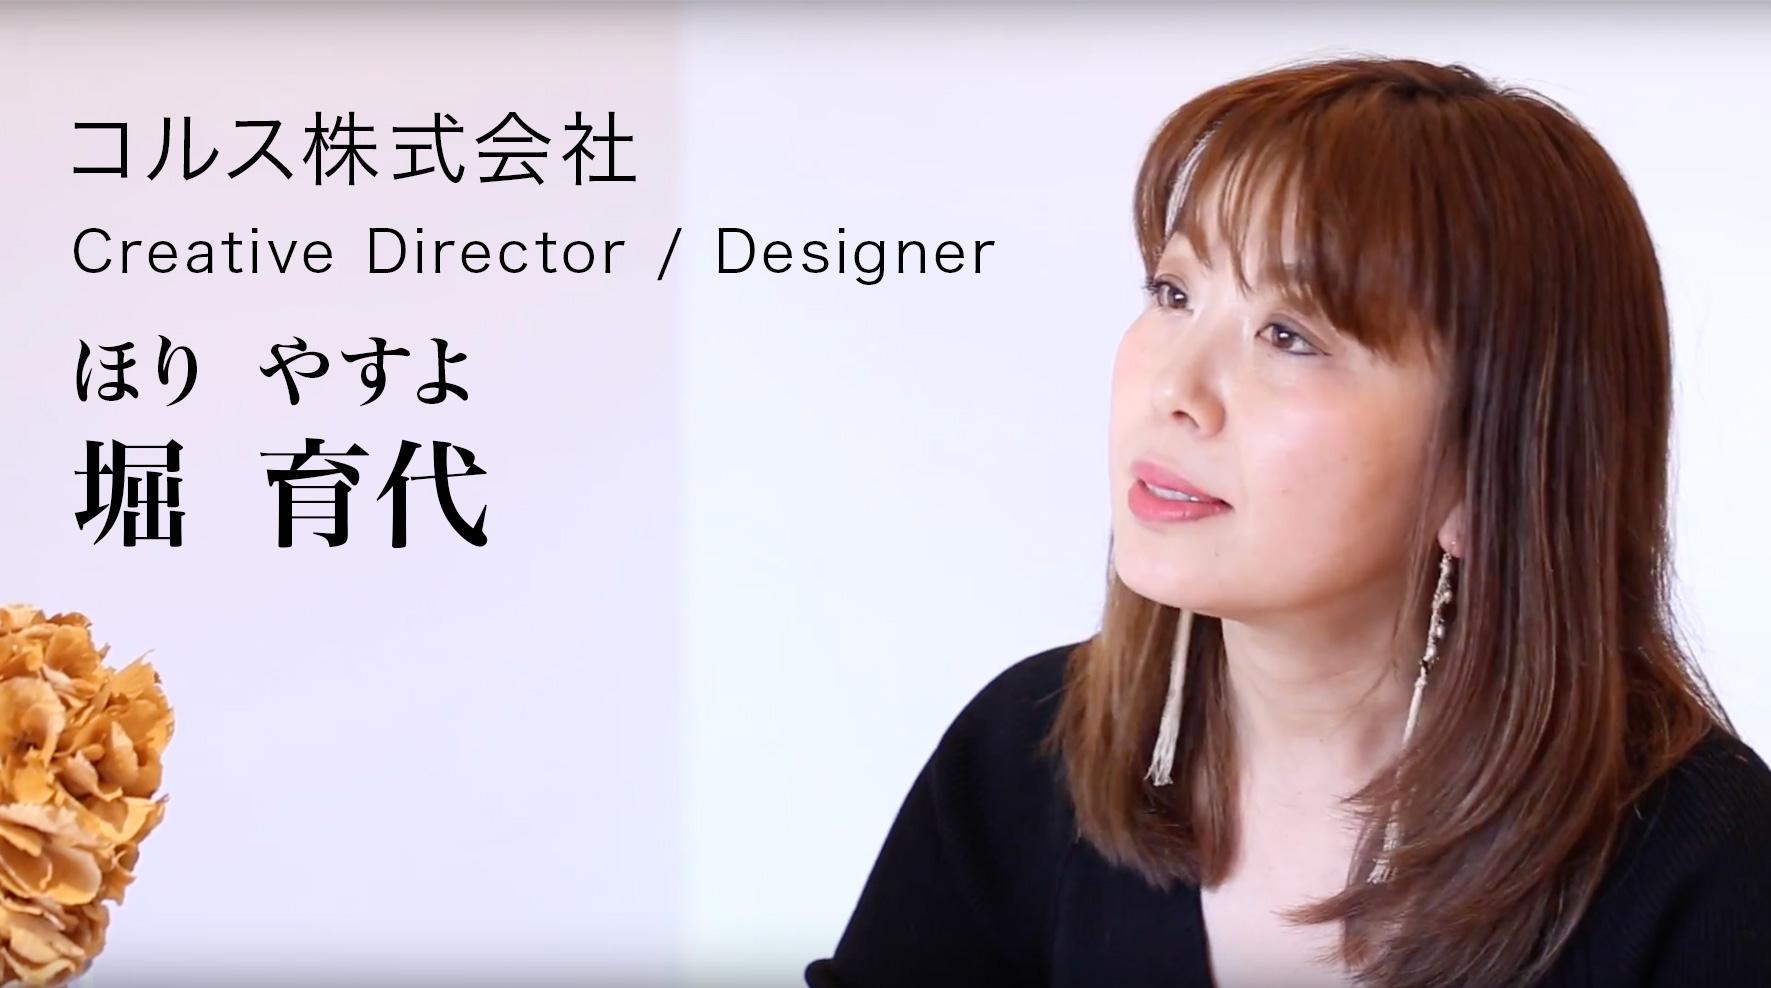 コルス株式会社 Creative Director / Designer 堀 育代 ホリ ヤスヨ